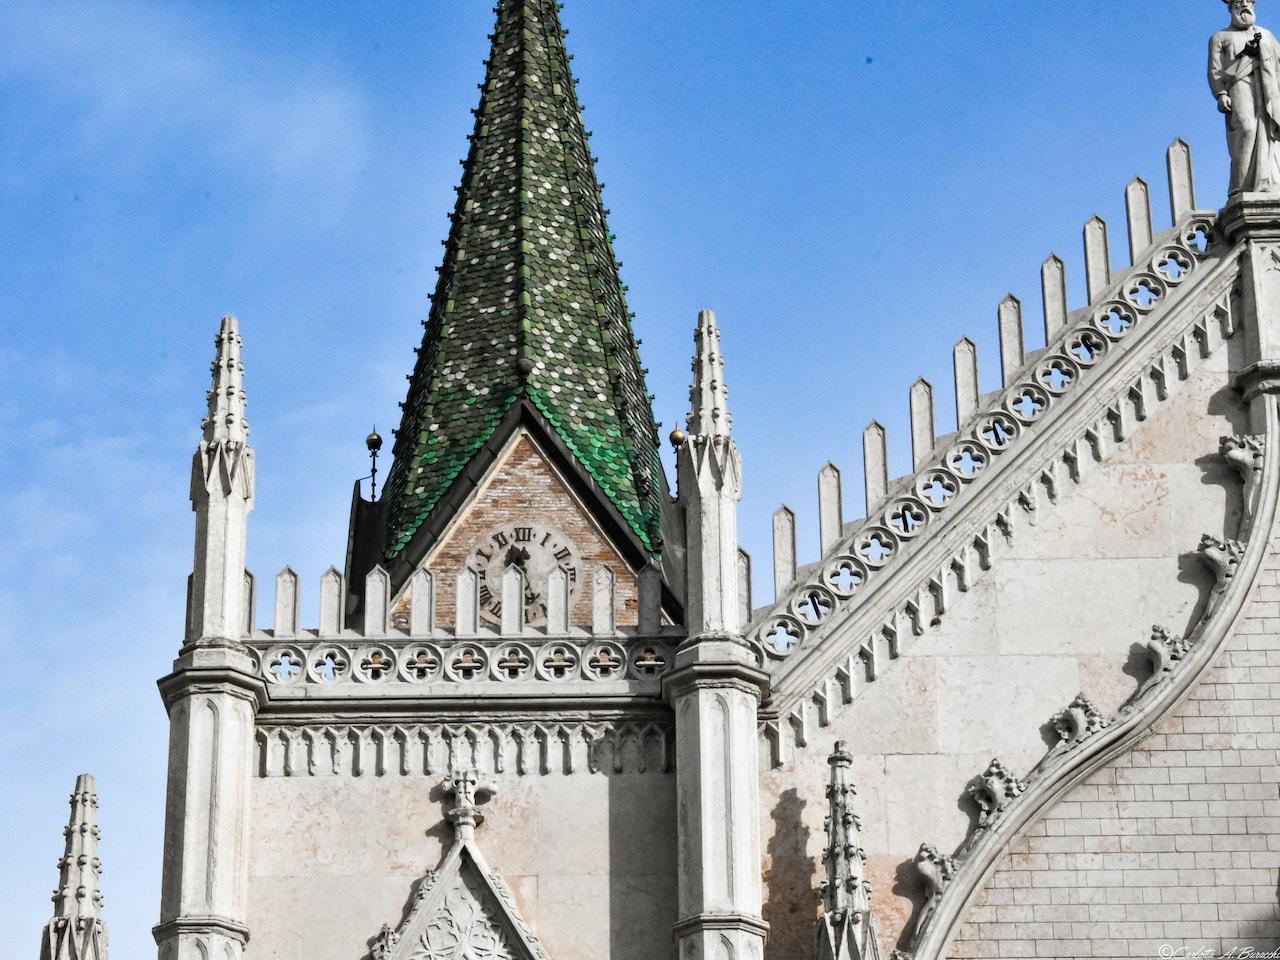 Il suggestivo campanile della Chiesa dei S. Pietro e Paolo a Trento